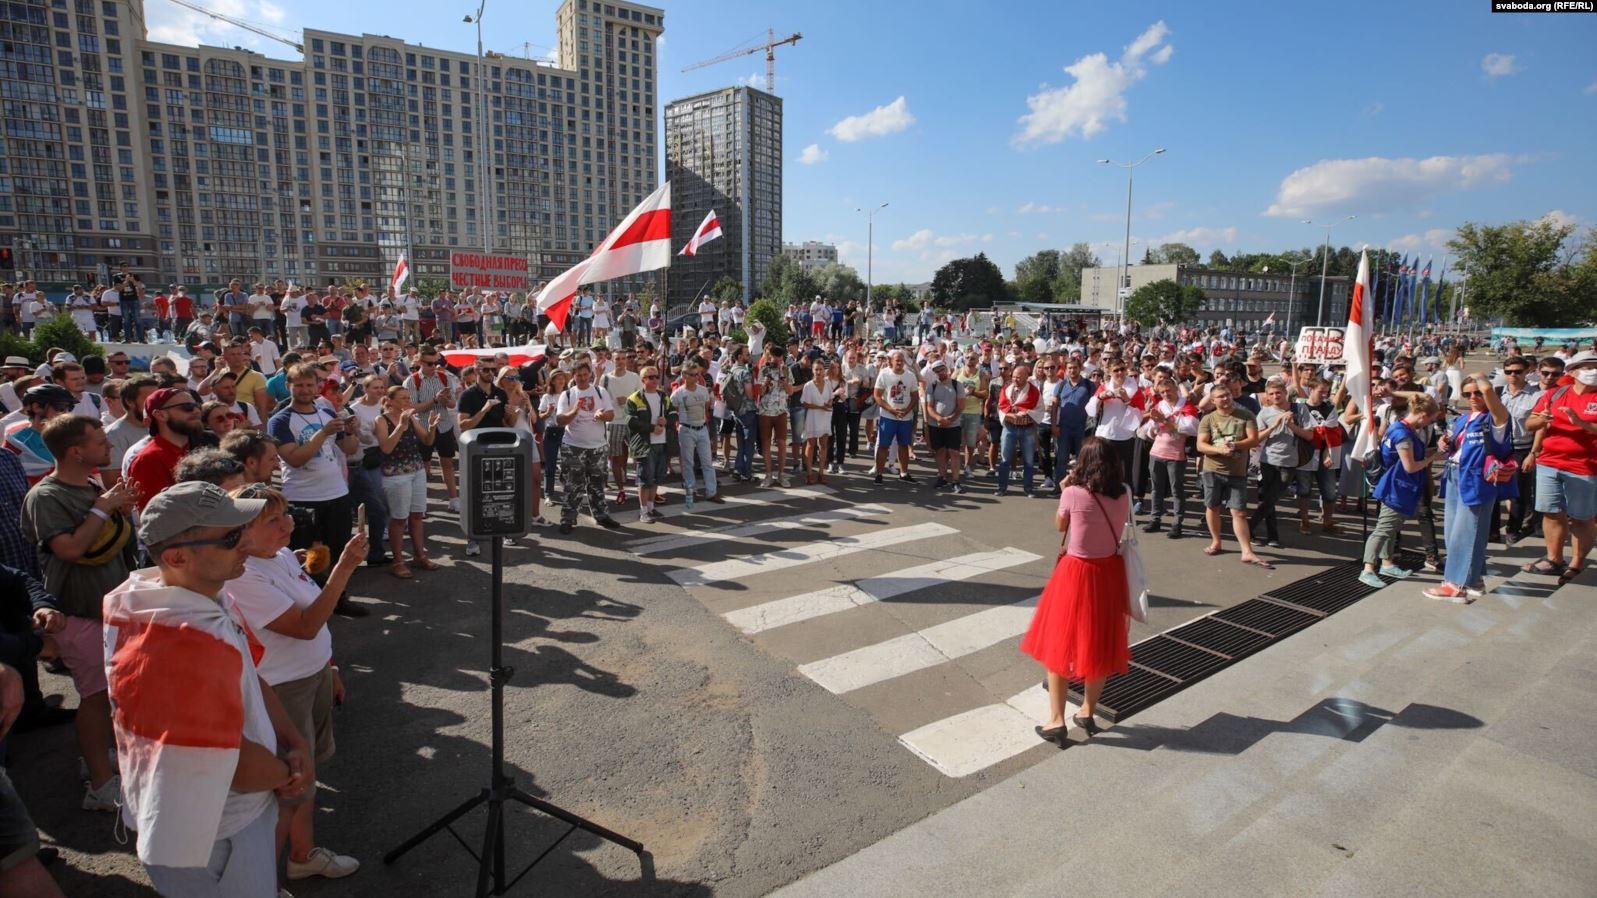 Протести в Білорусі: працівників Белтелерадіокомпанії не пускають до будівлі ТРК